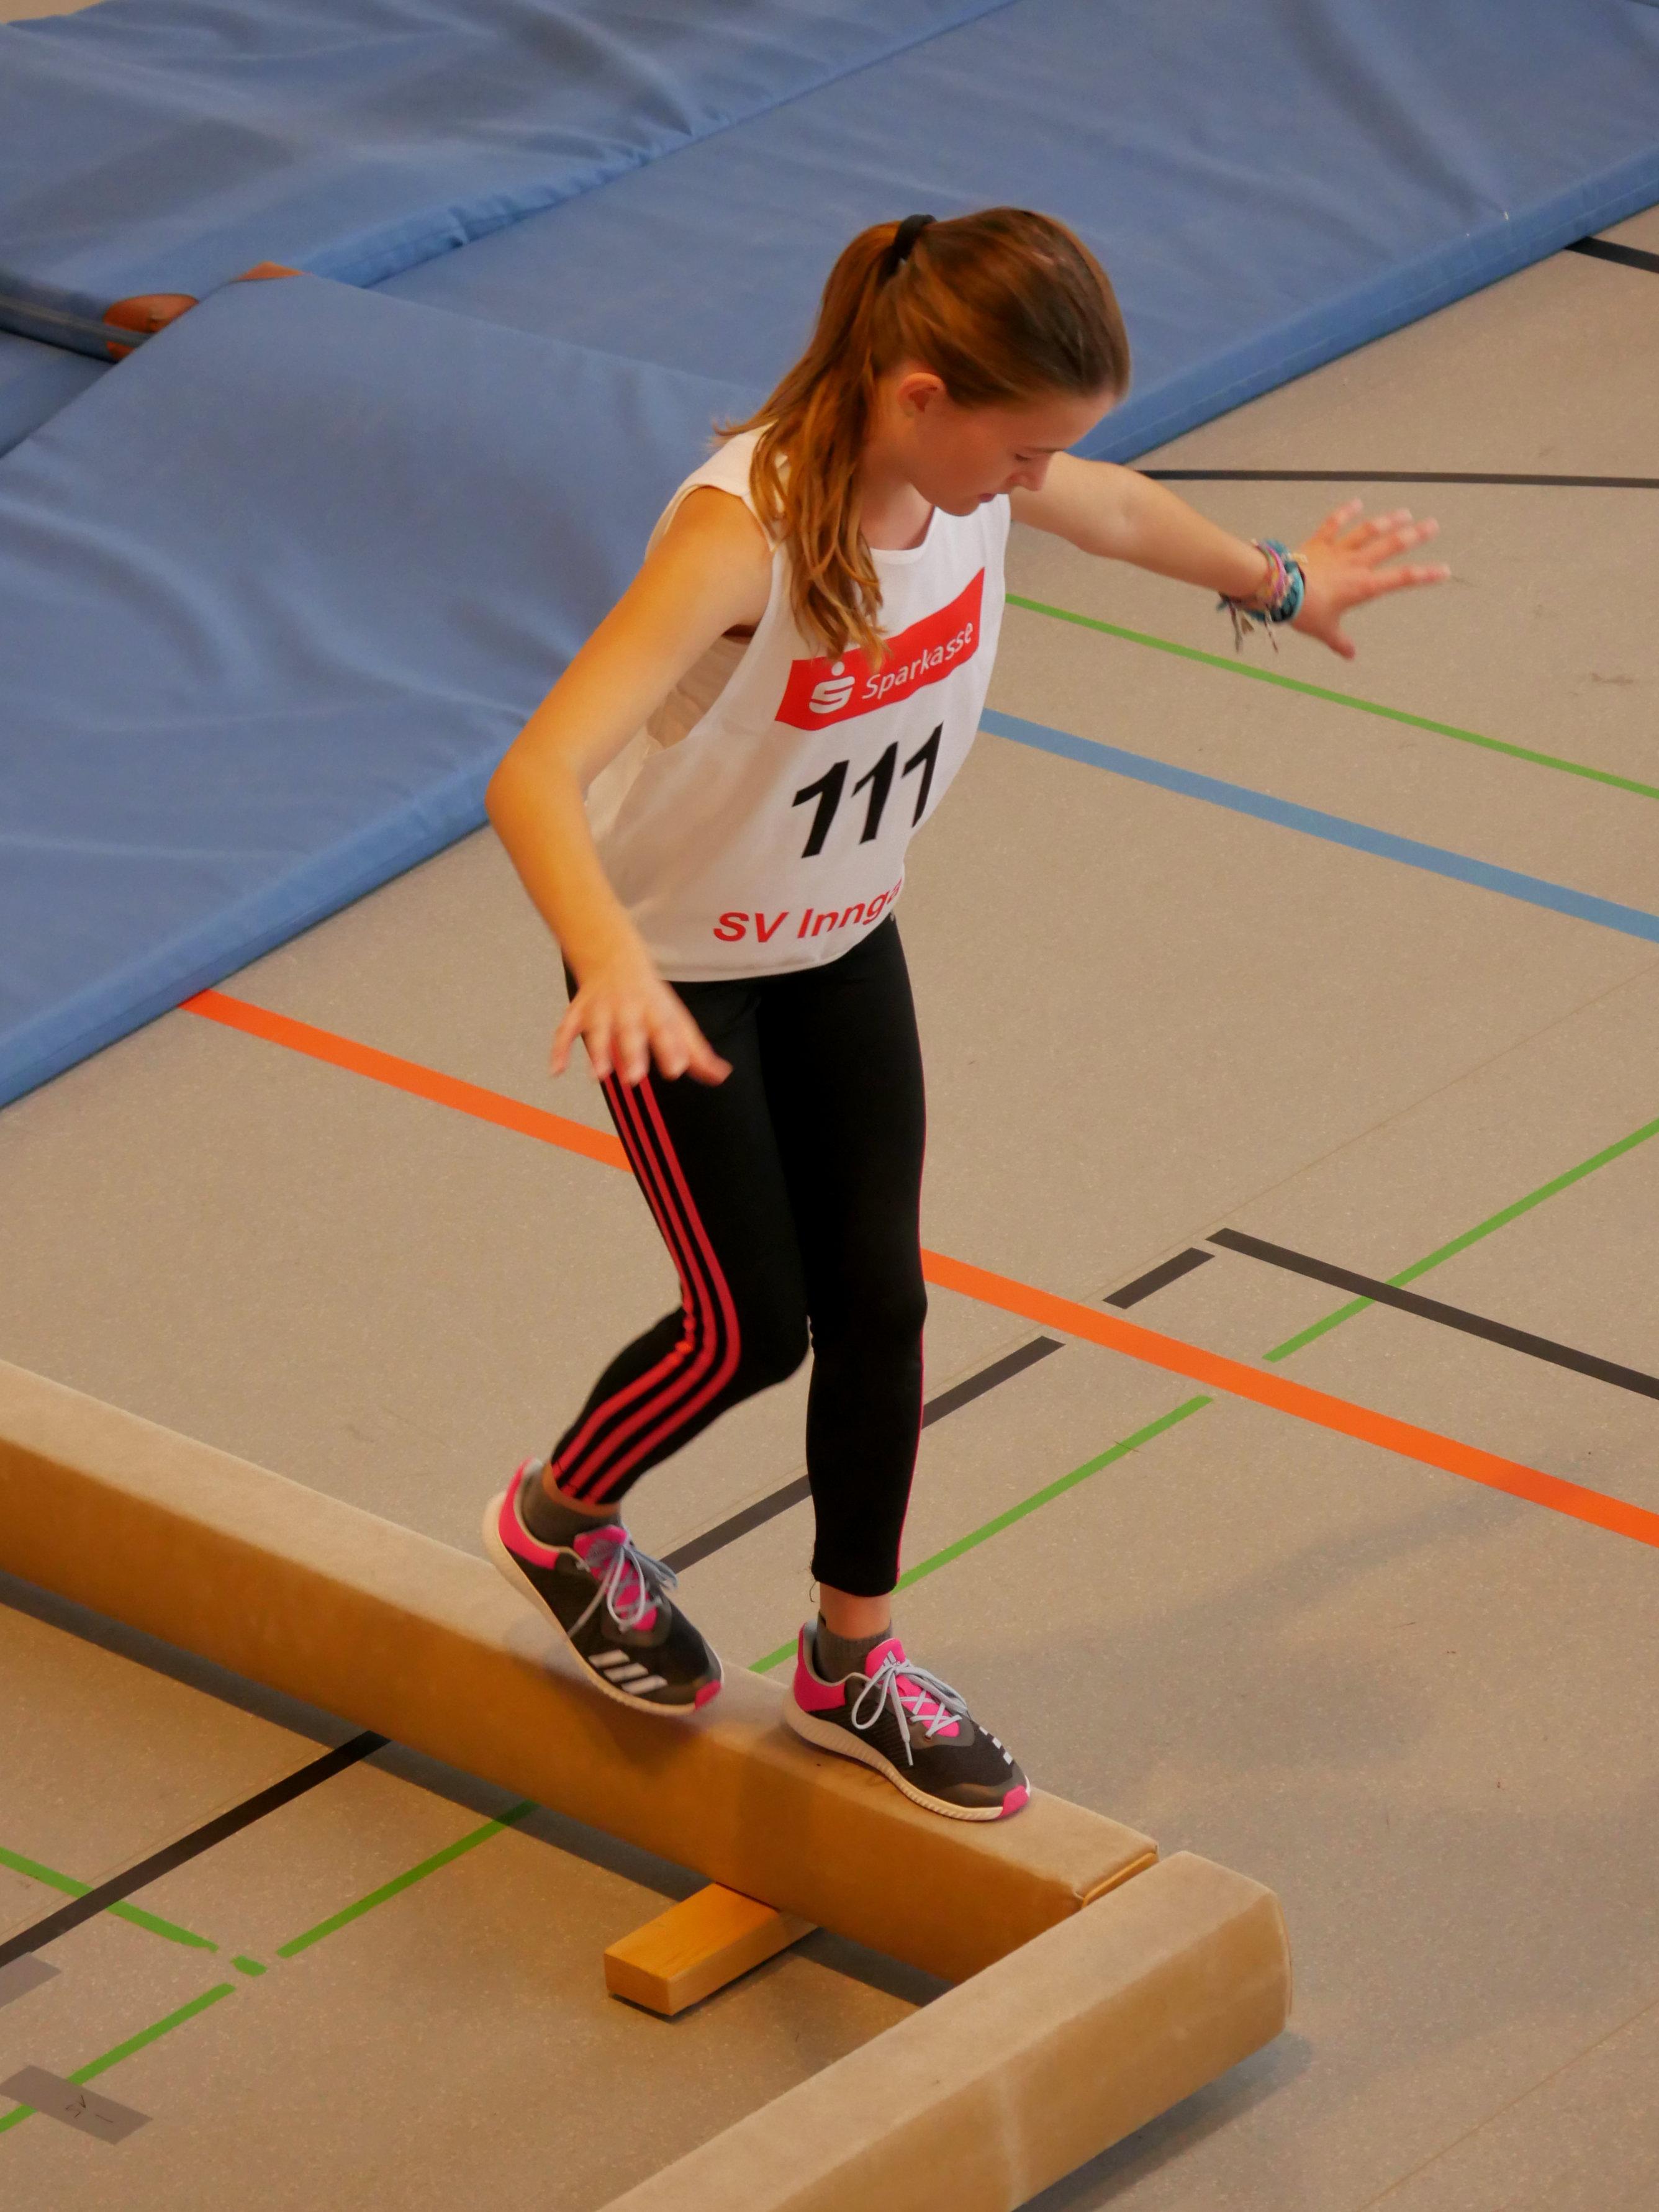 Sportler balanciert auf einem Schwebebalken